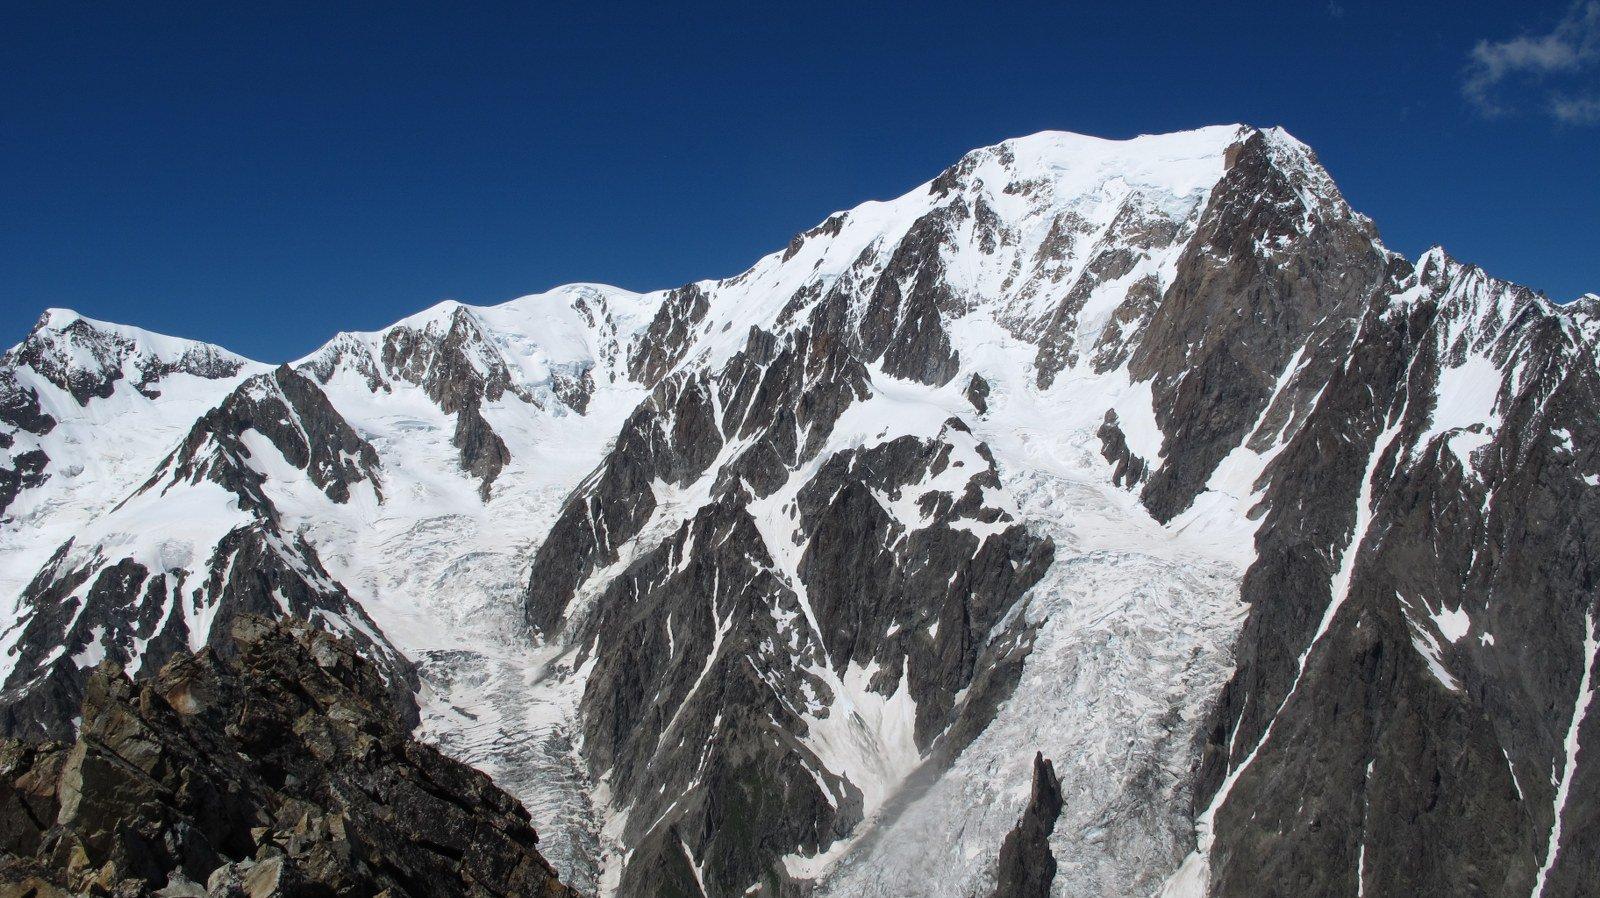 Il Bianco dalla cima del Piccolo M.Bianco